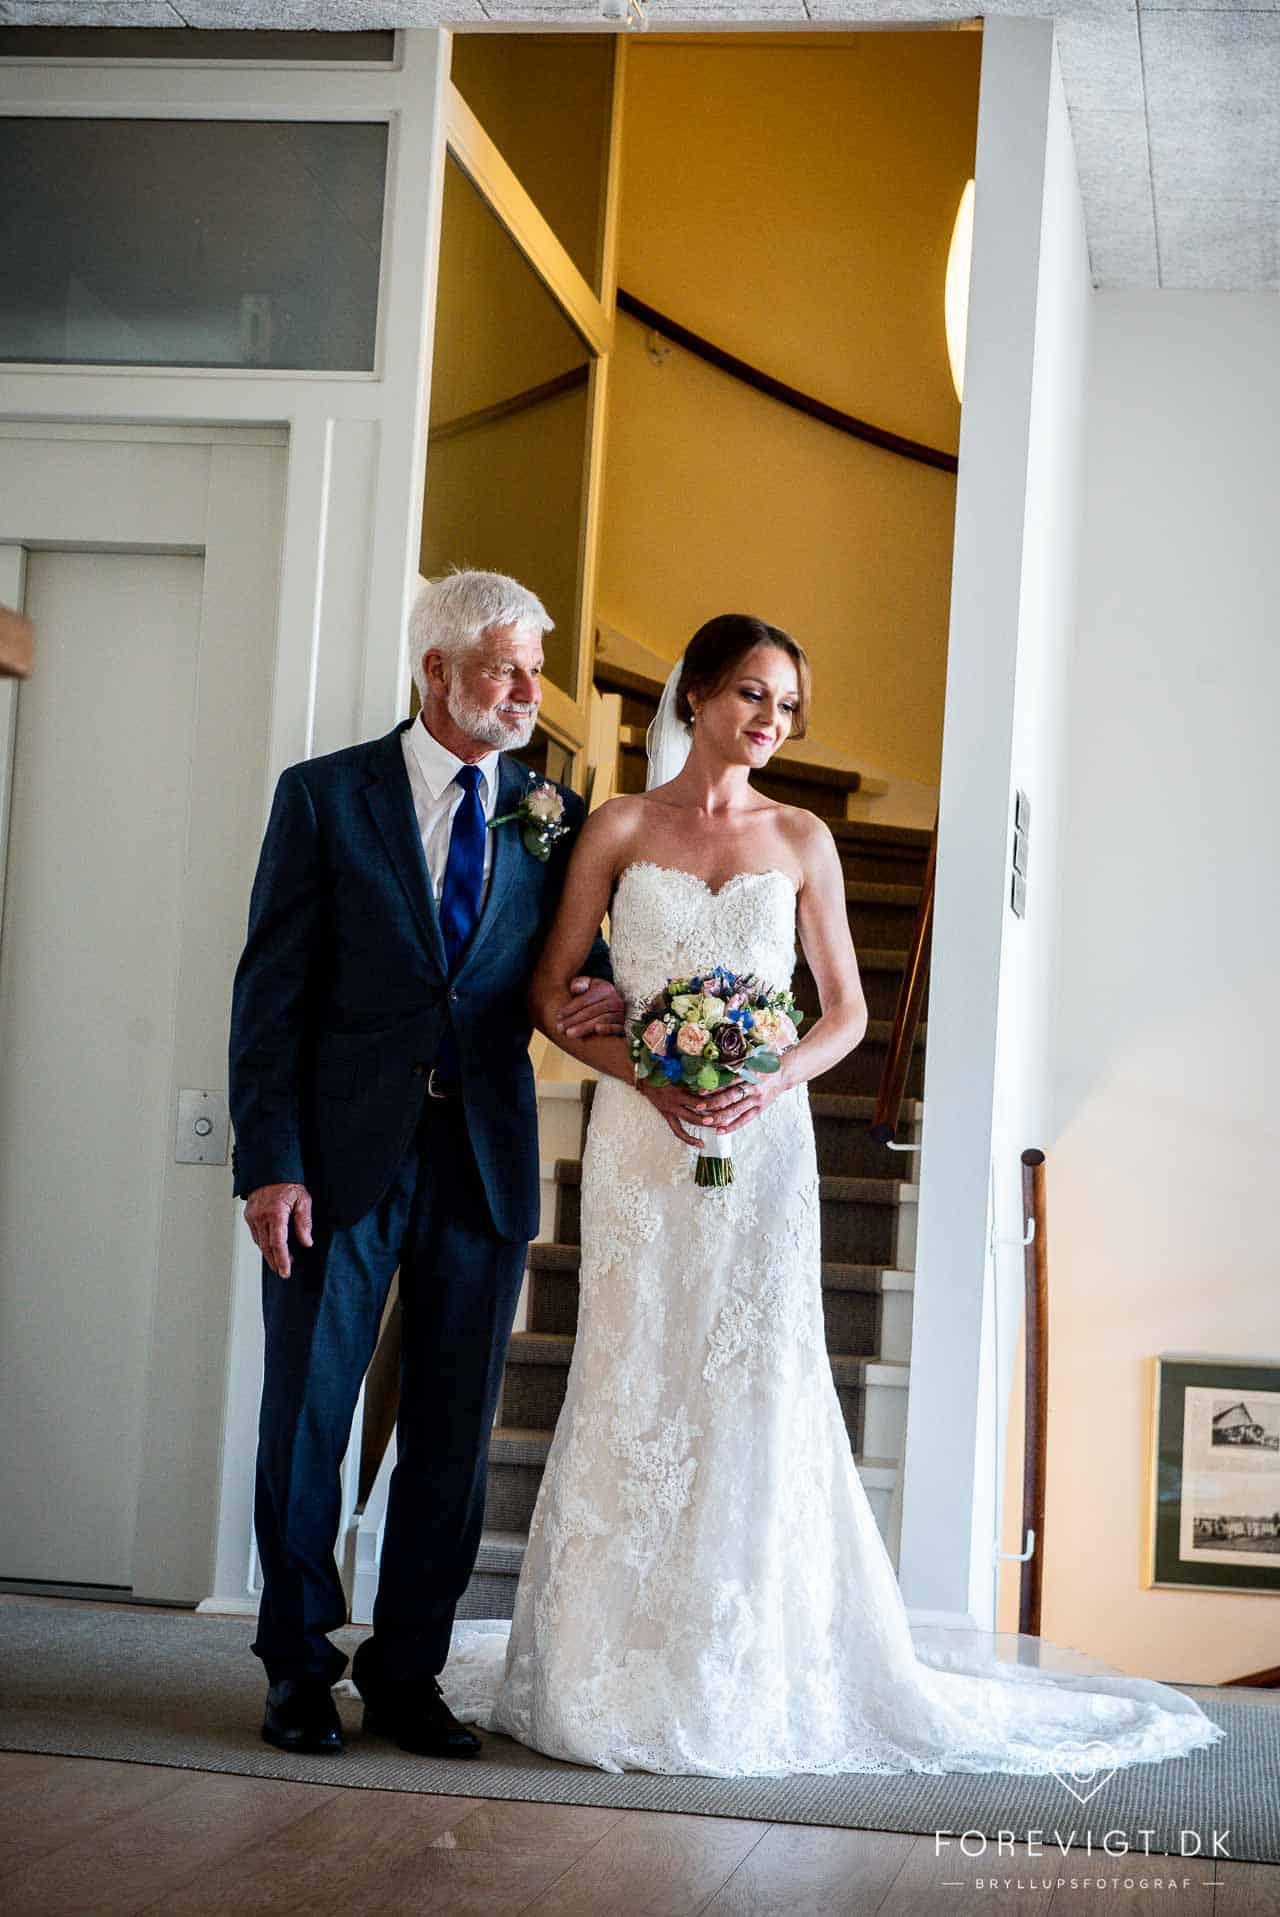 Bryllupssteder i Nordsjælland - Bryllup